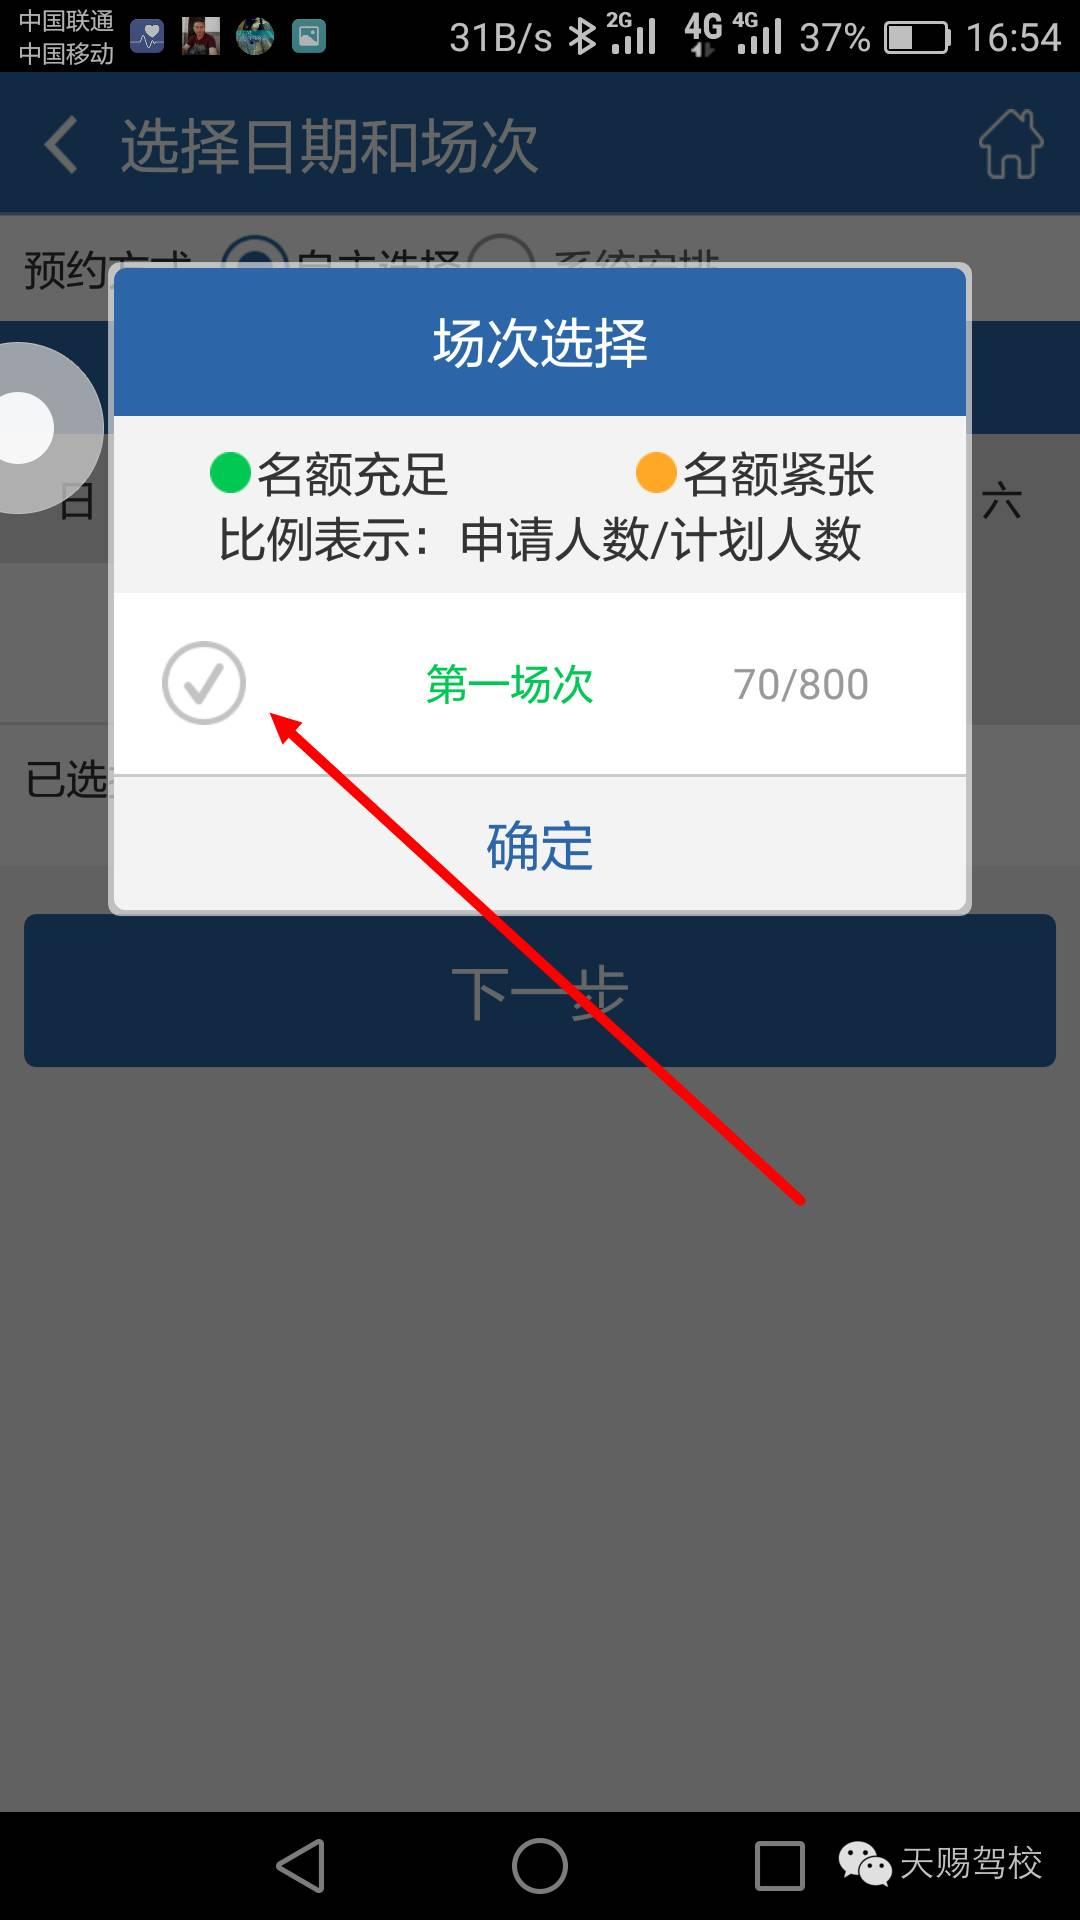 手机12123预约科目四步骤(交管12123app学员预约考试操作指南)